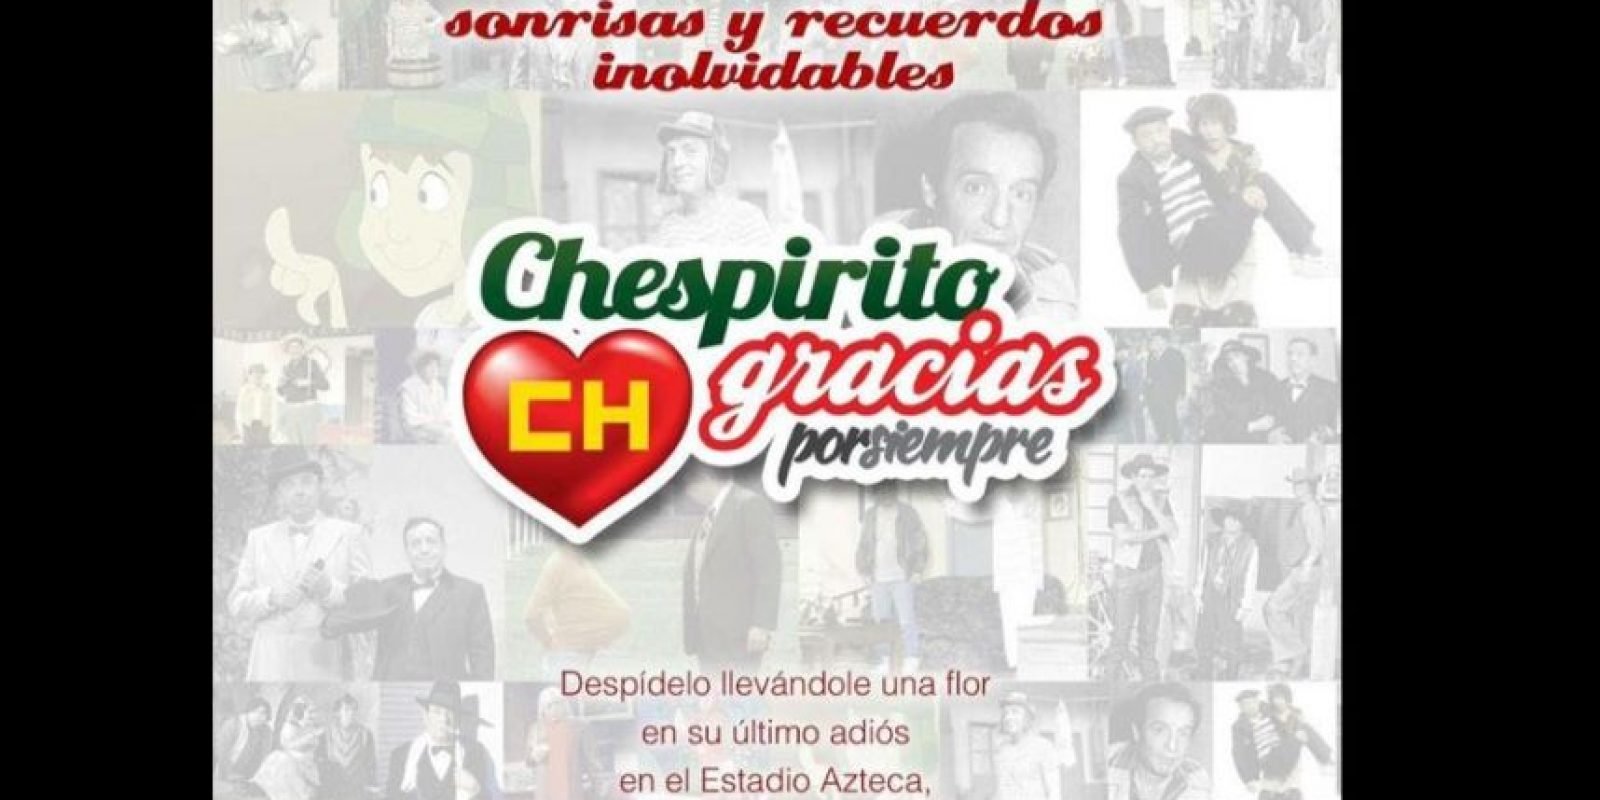 Televisa está convocando a la gente para un homenaje el 30 de noviembre en el Estadio Azteca Foto:Twitter/TelevisaTvMx